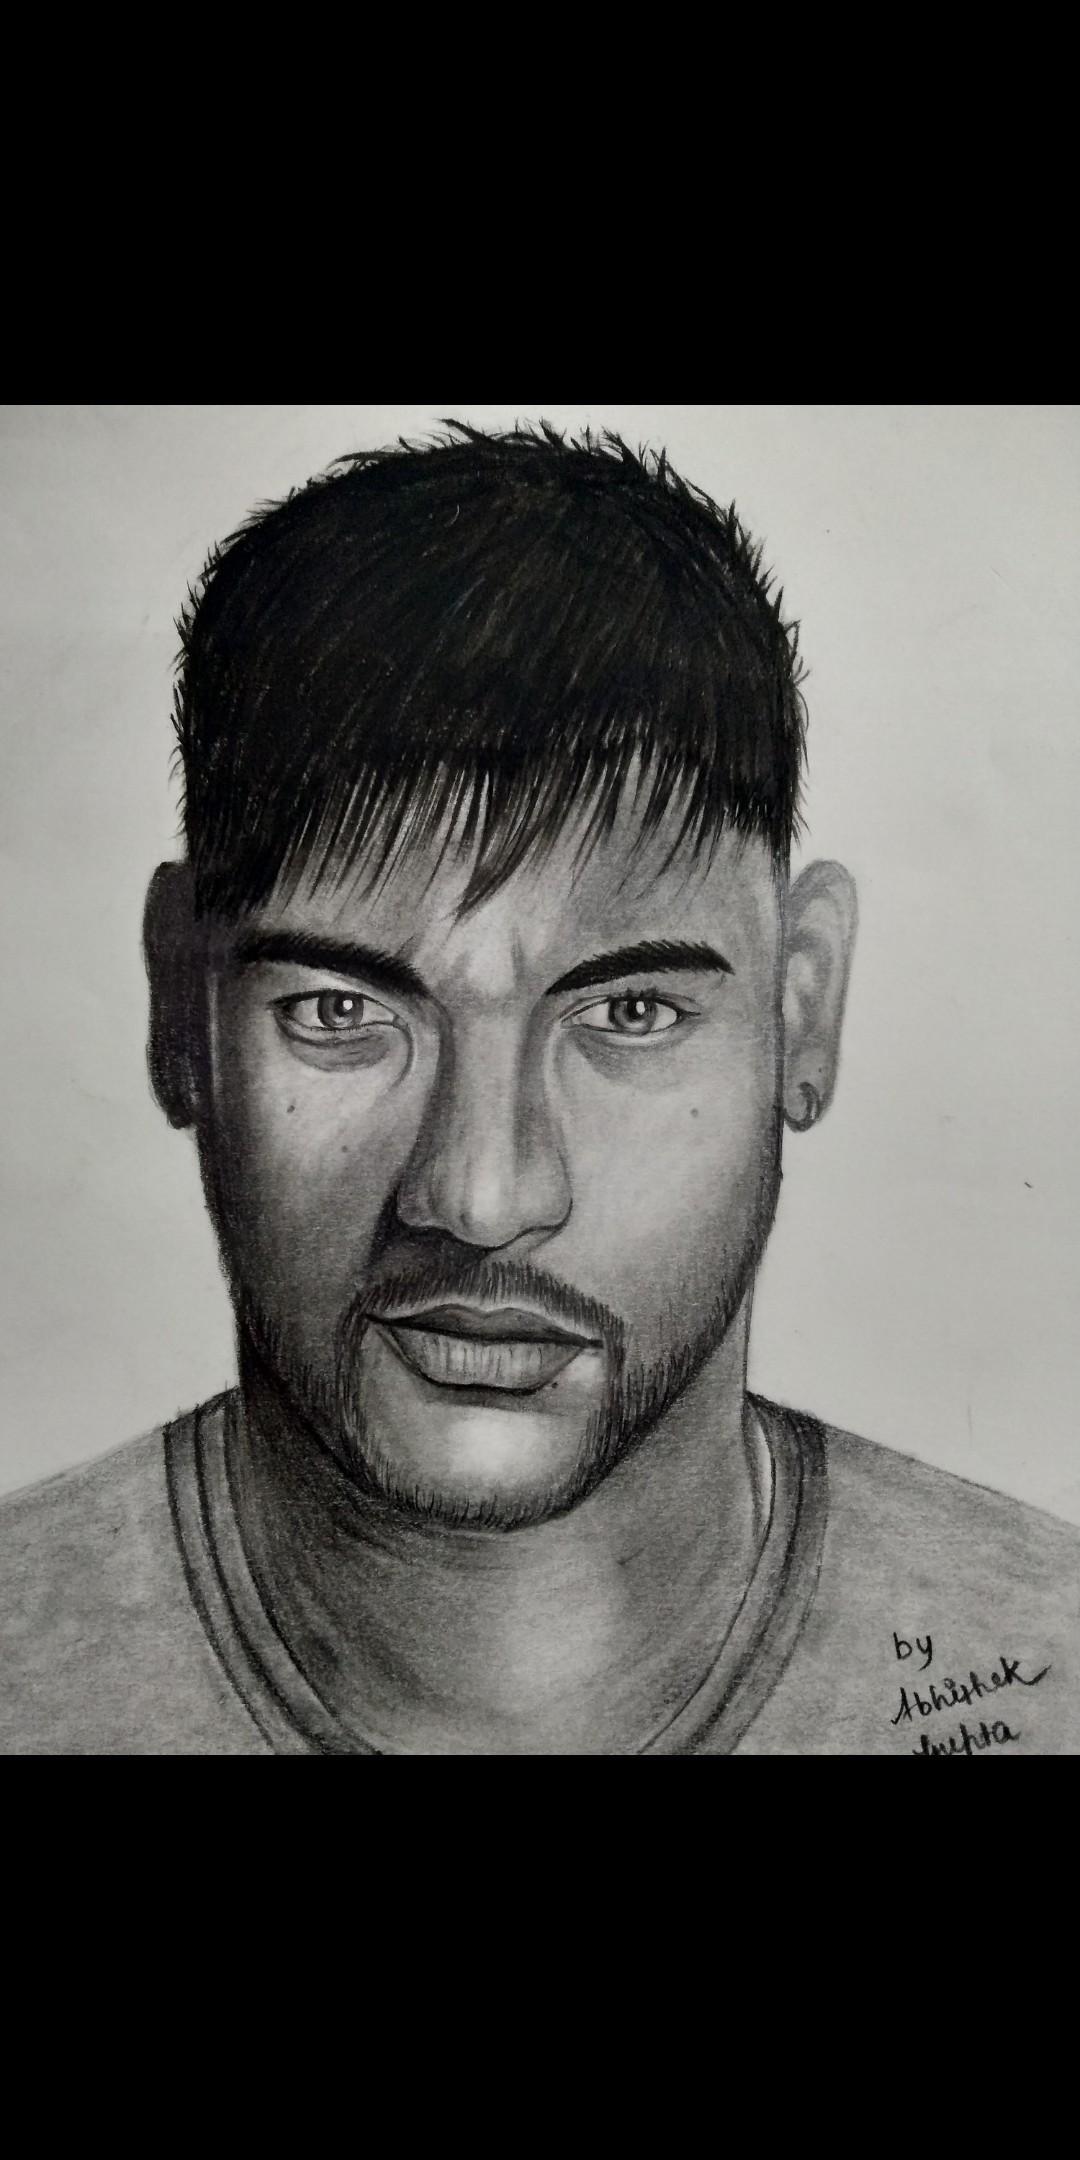 Sketch of neymar jr footballer